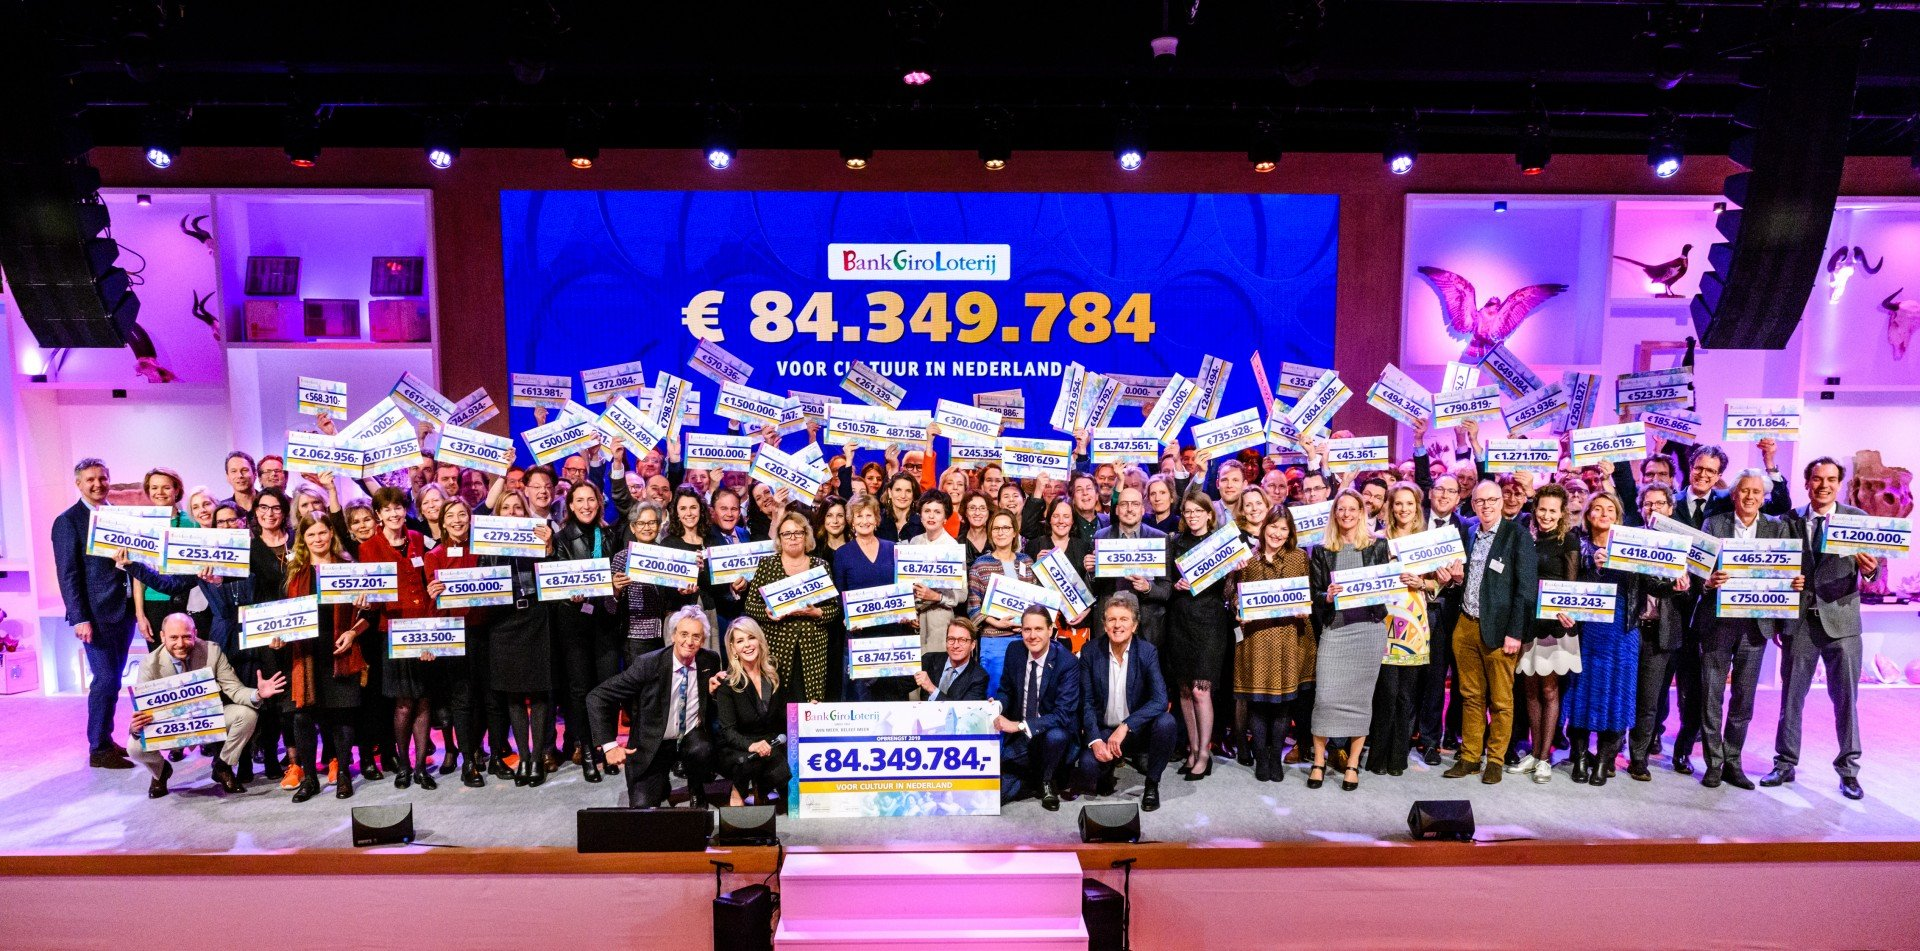 Goed Geld Gala 2020: € 84,3 miljoen voor cultuur en erfgoed in Nederland